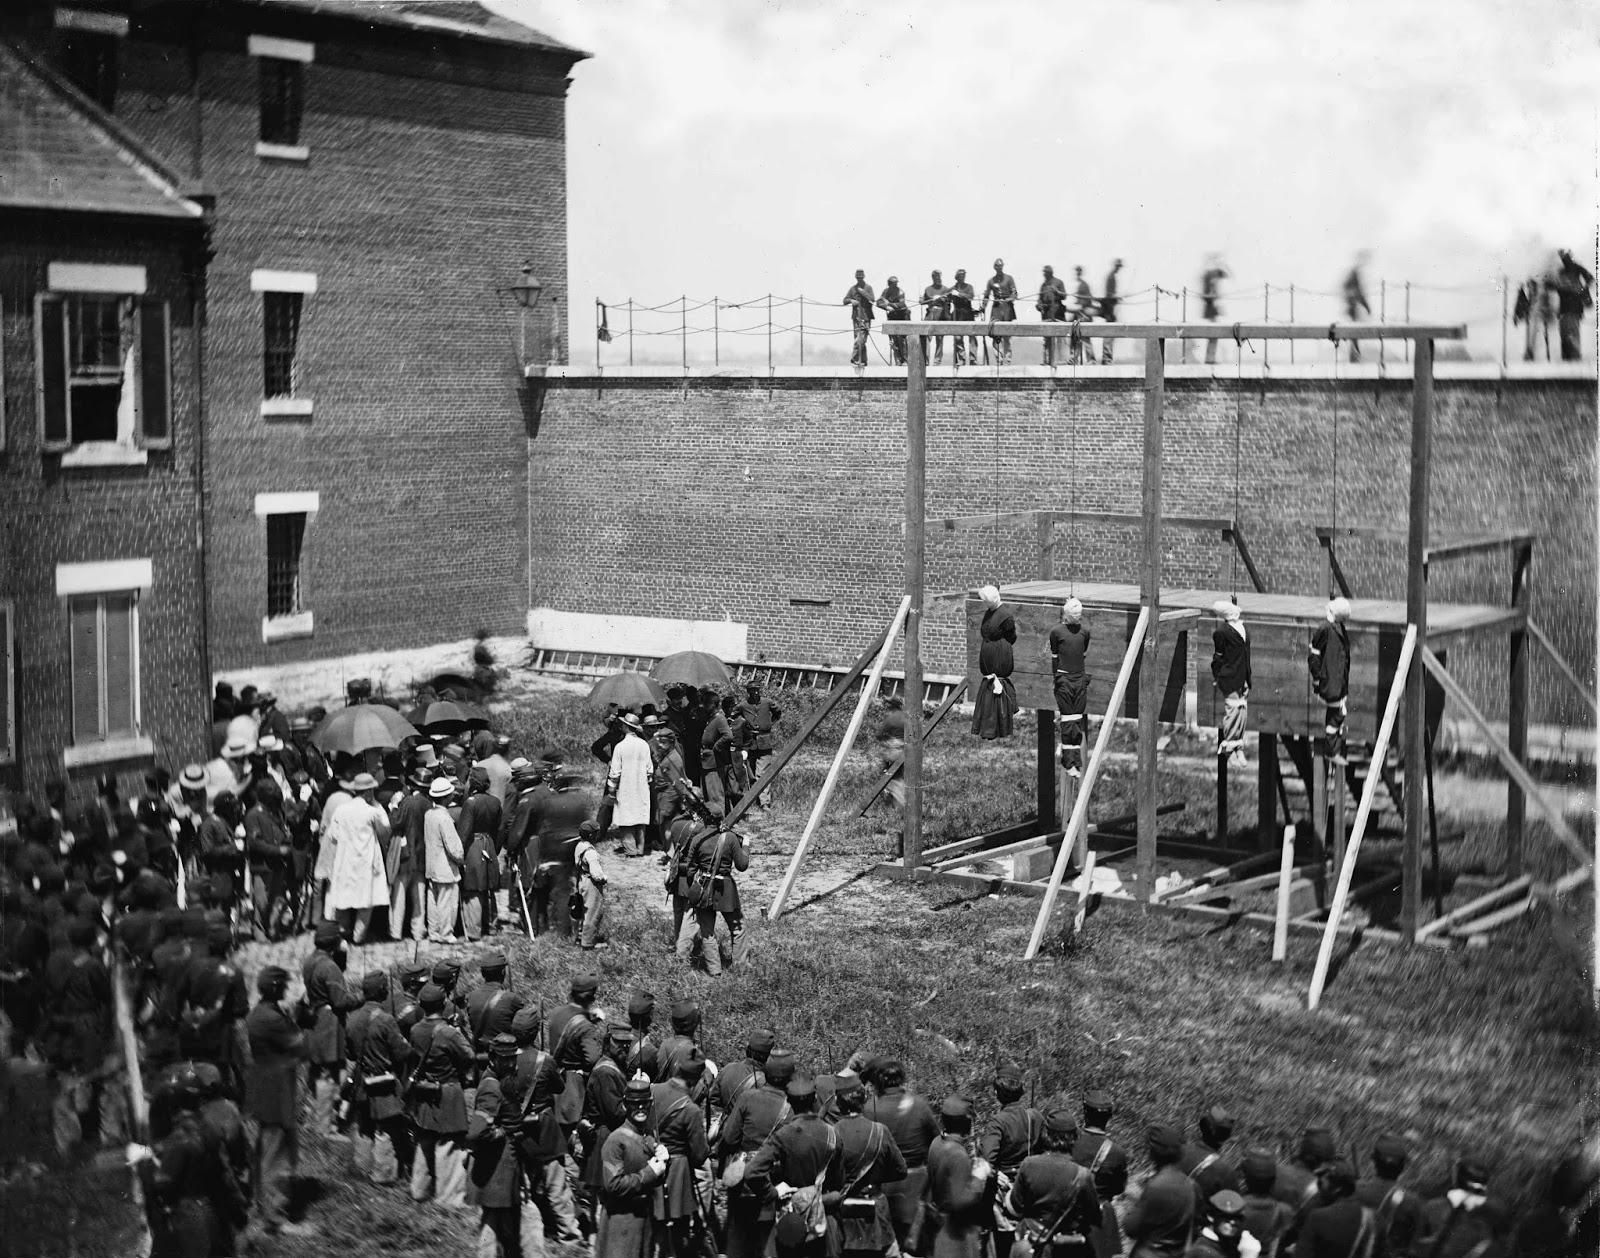 Los conspiradores se pararon en la caída durante unos 10 segundos, y luego el capitán Rath aplaudió. Cuatro soldados derribaron los soportes que sostenían las gotas en su lugar, y los condenados cayeron.